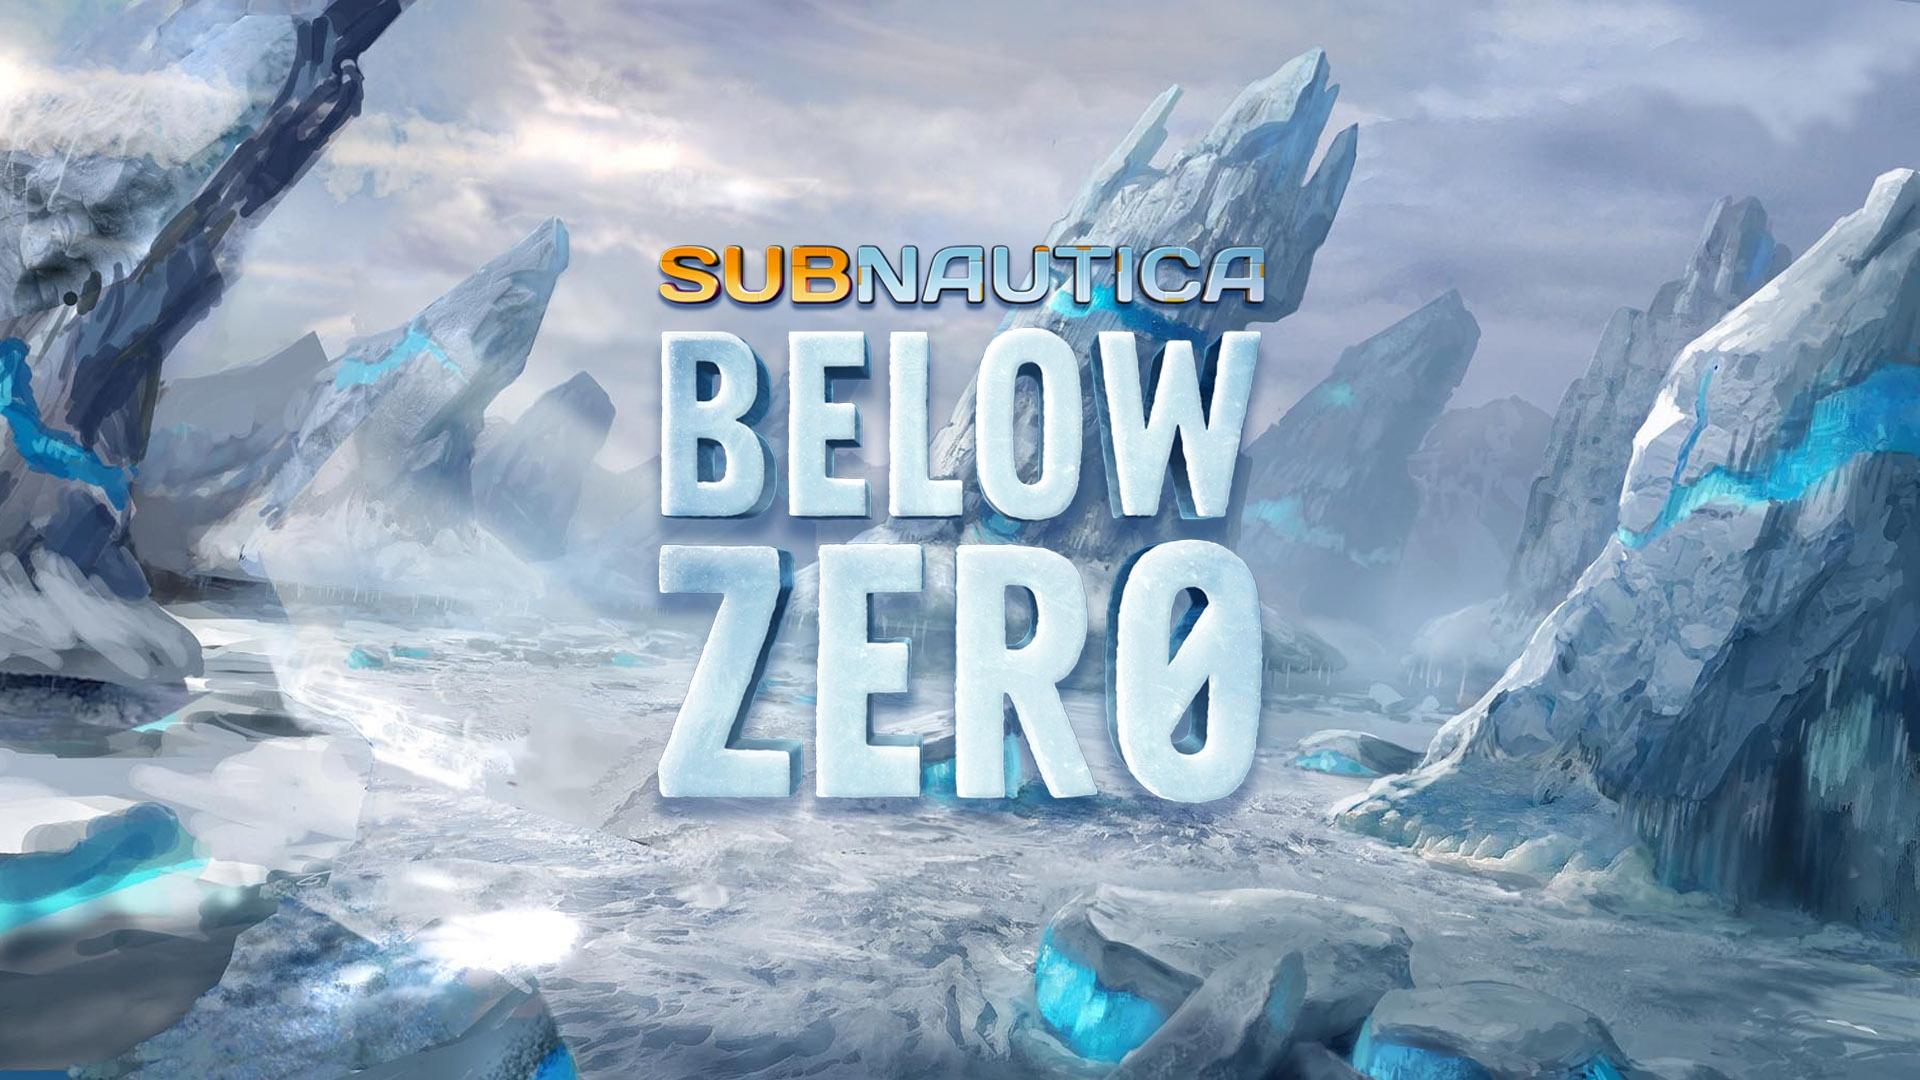 Subnautica Below Zero pc wallpaper